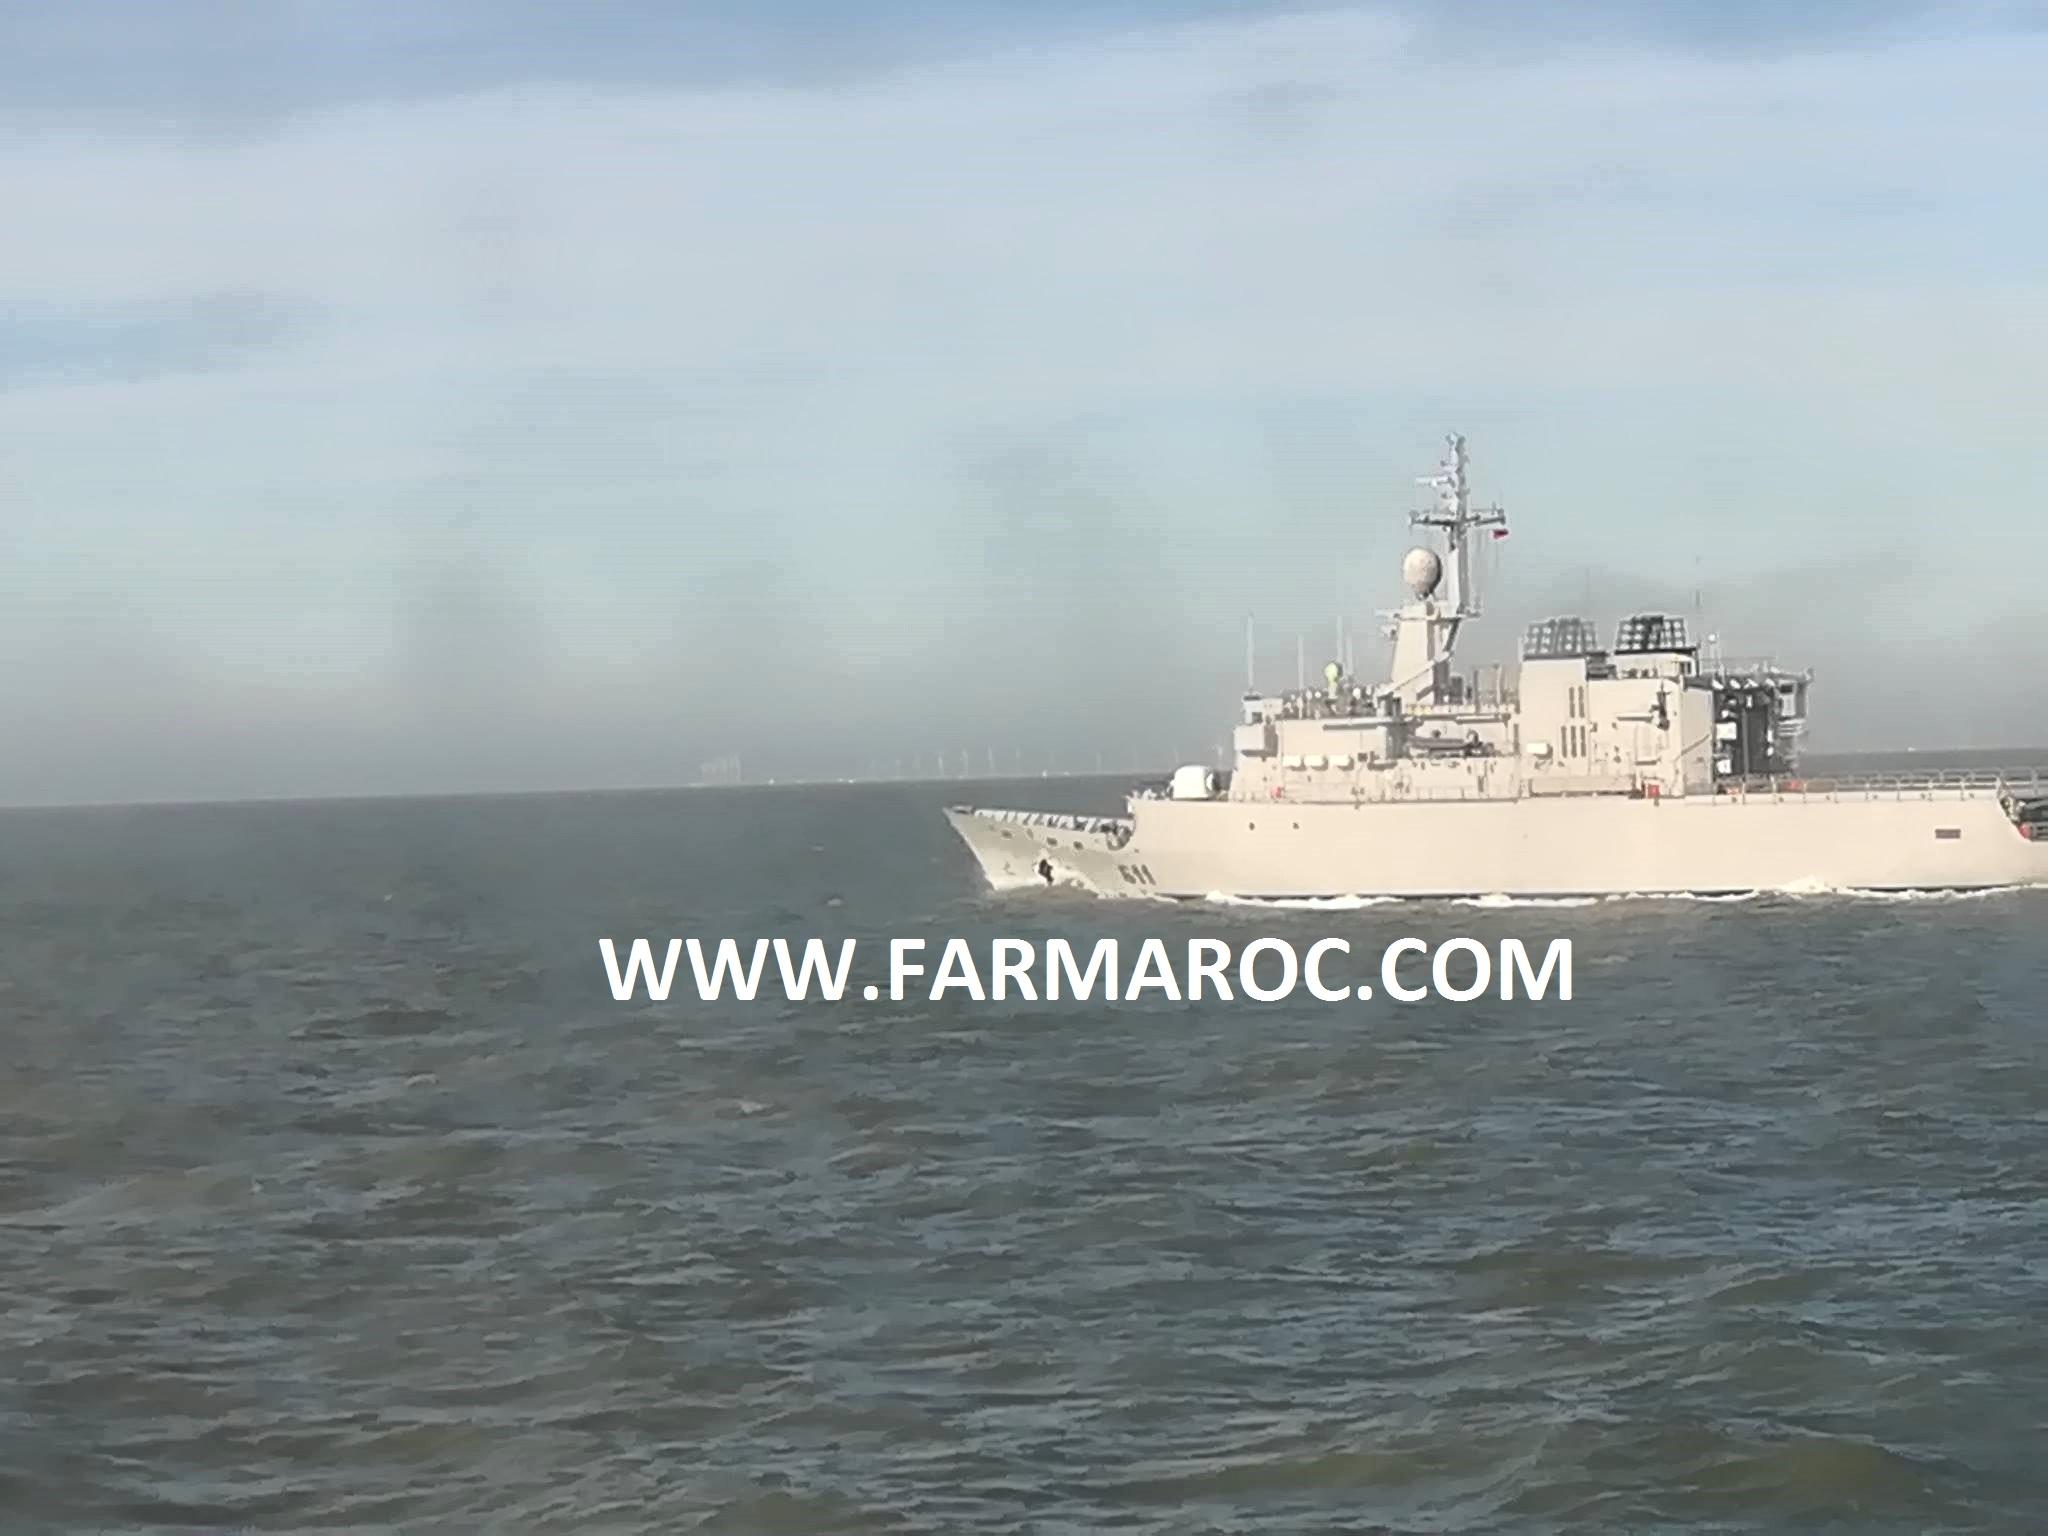 Royal Moroccan Navy Floréal Frigates / Frégates Floréal Marocaines - Page 13 31005906977_8754045c7d_o